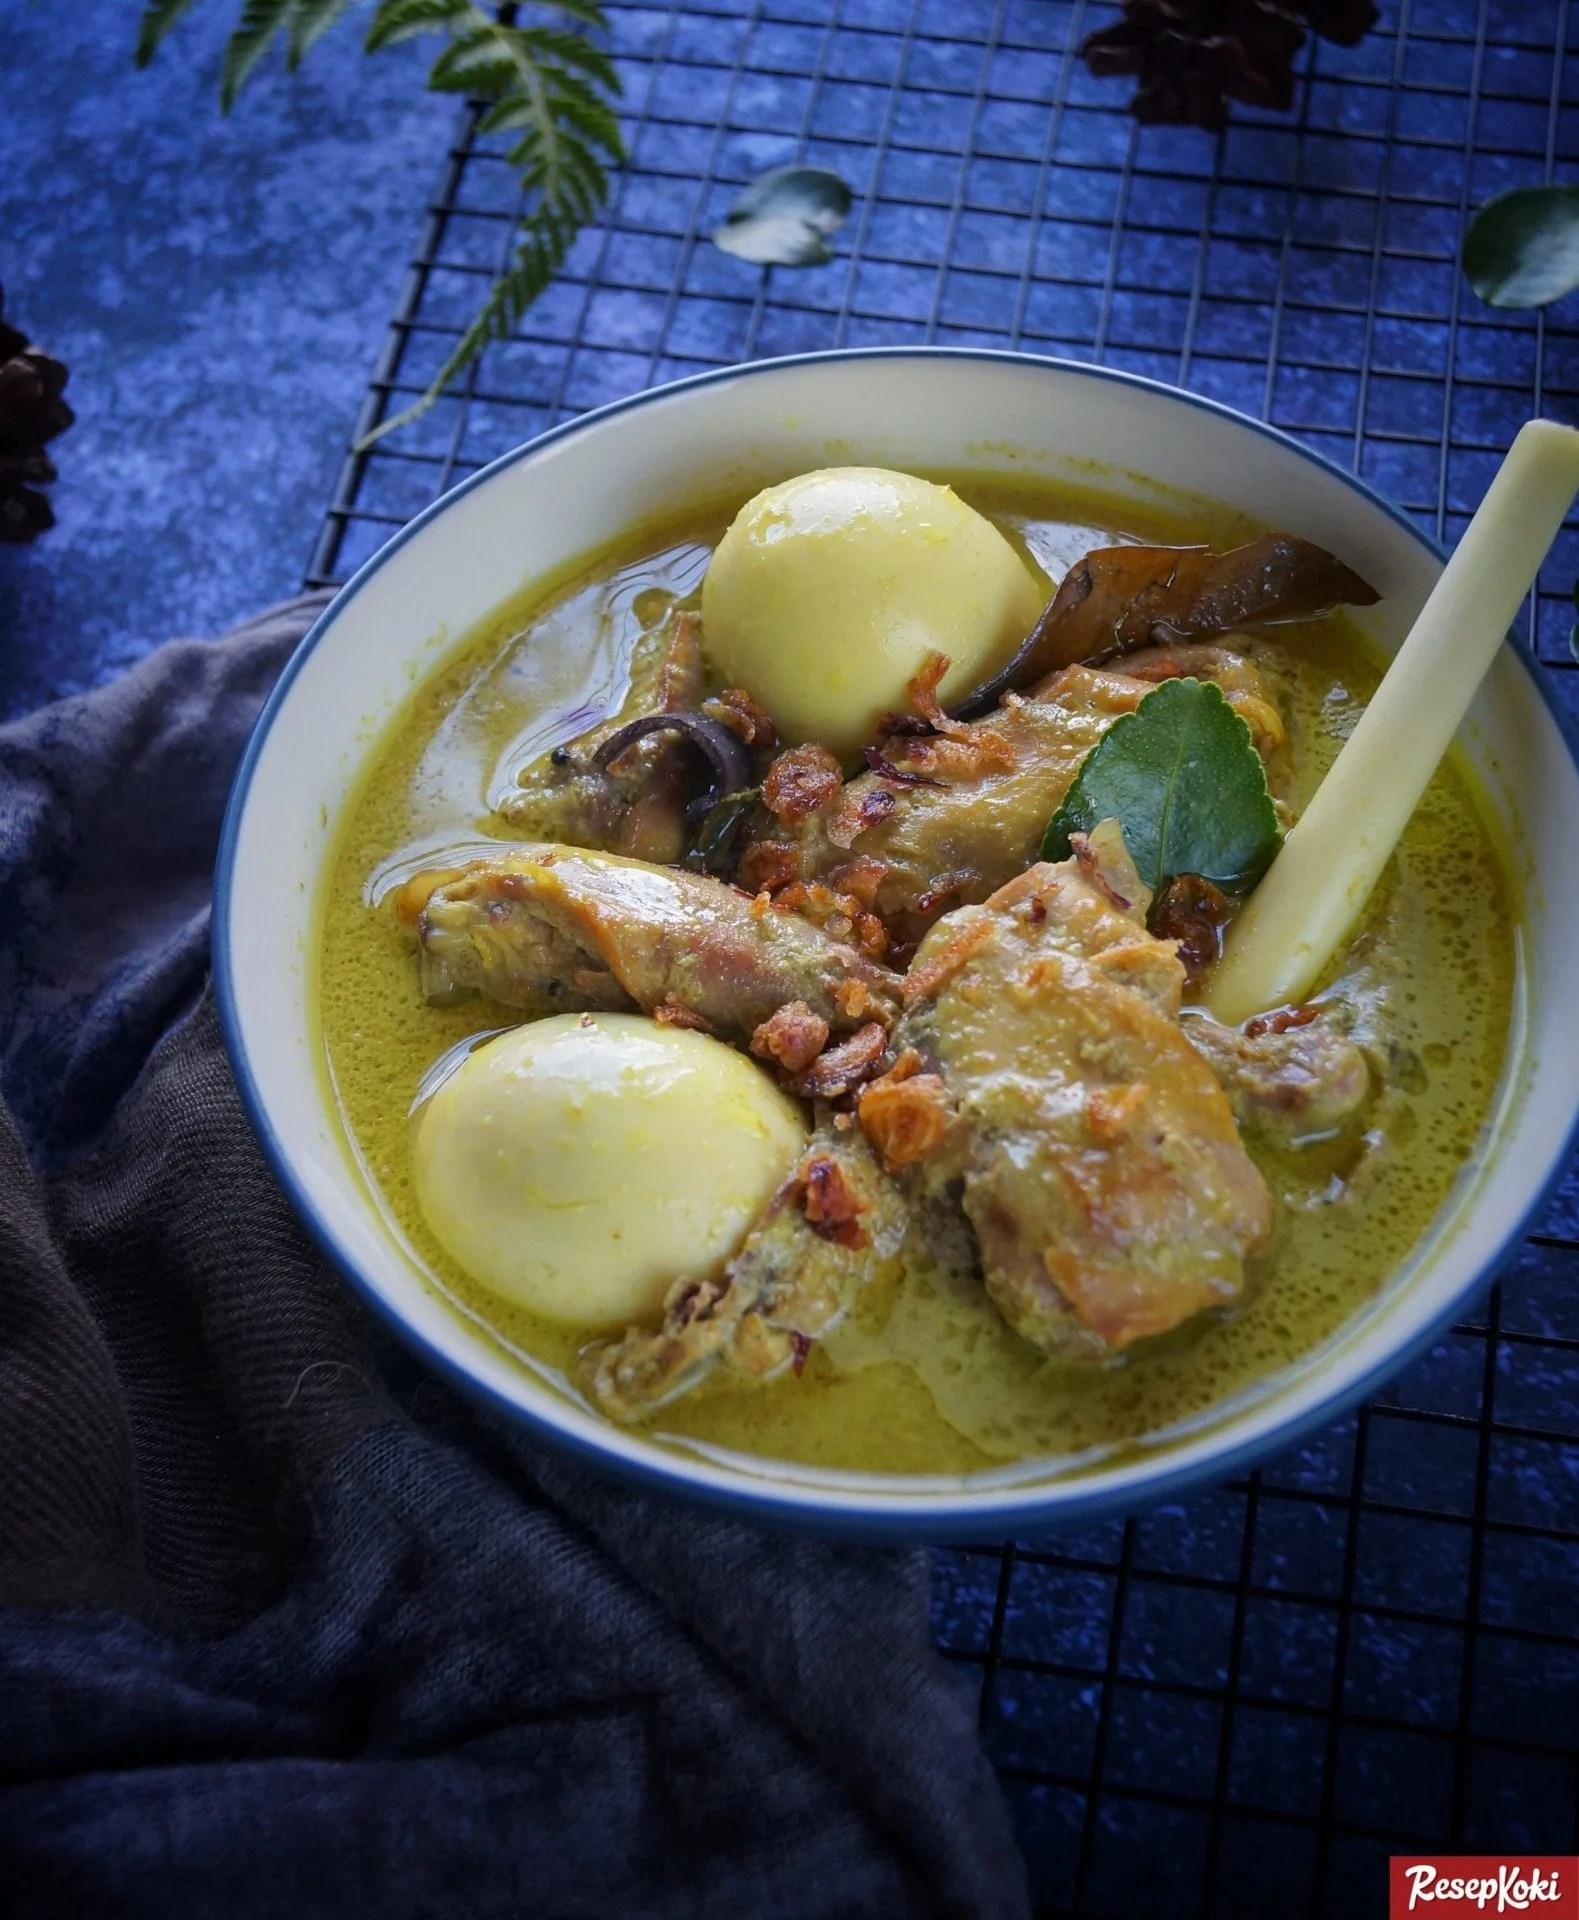 Cara Memasak Opor Ayam Kuning : memasak, kuning, Kuning, Istimewa, Praktis, Resep, ResepKoki